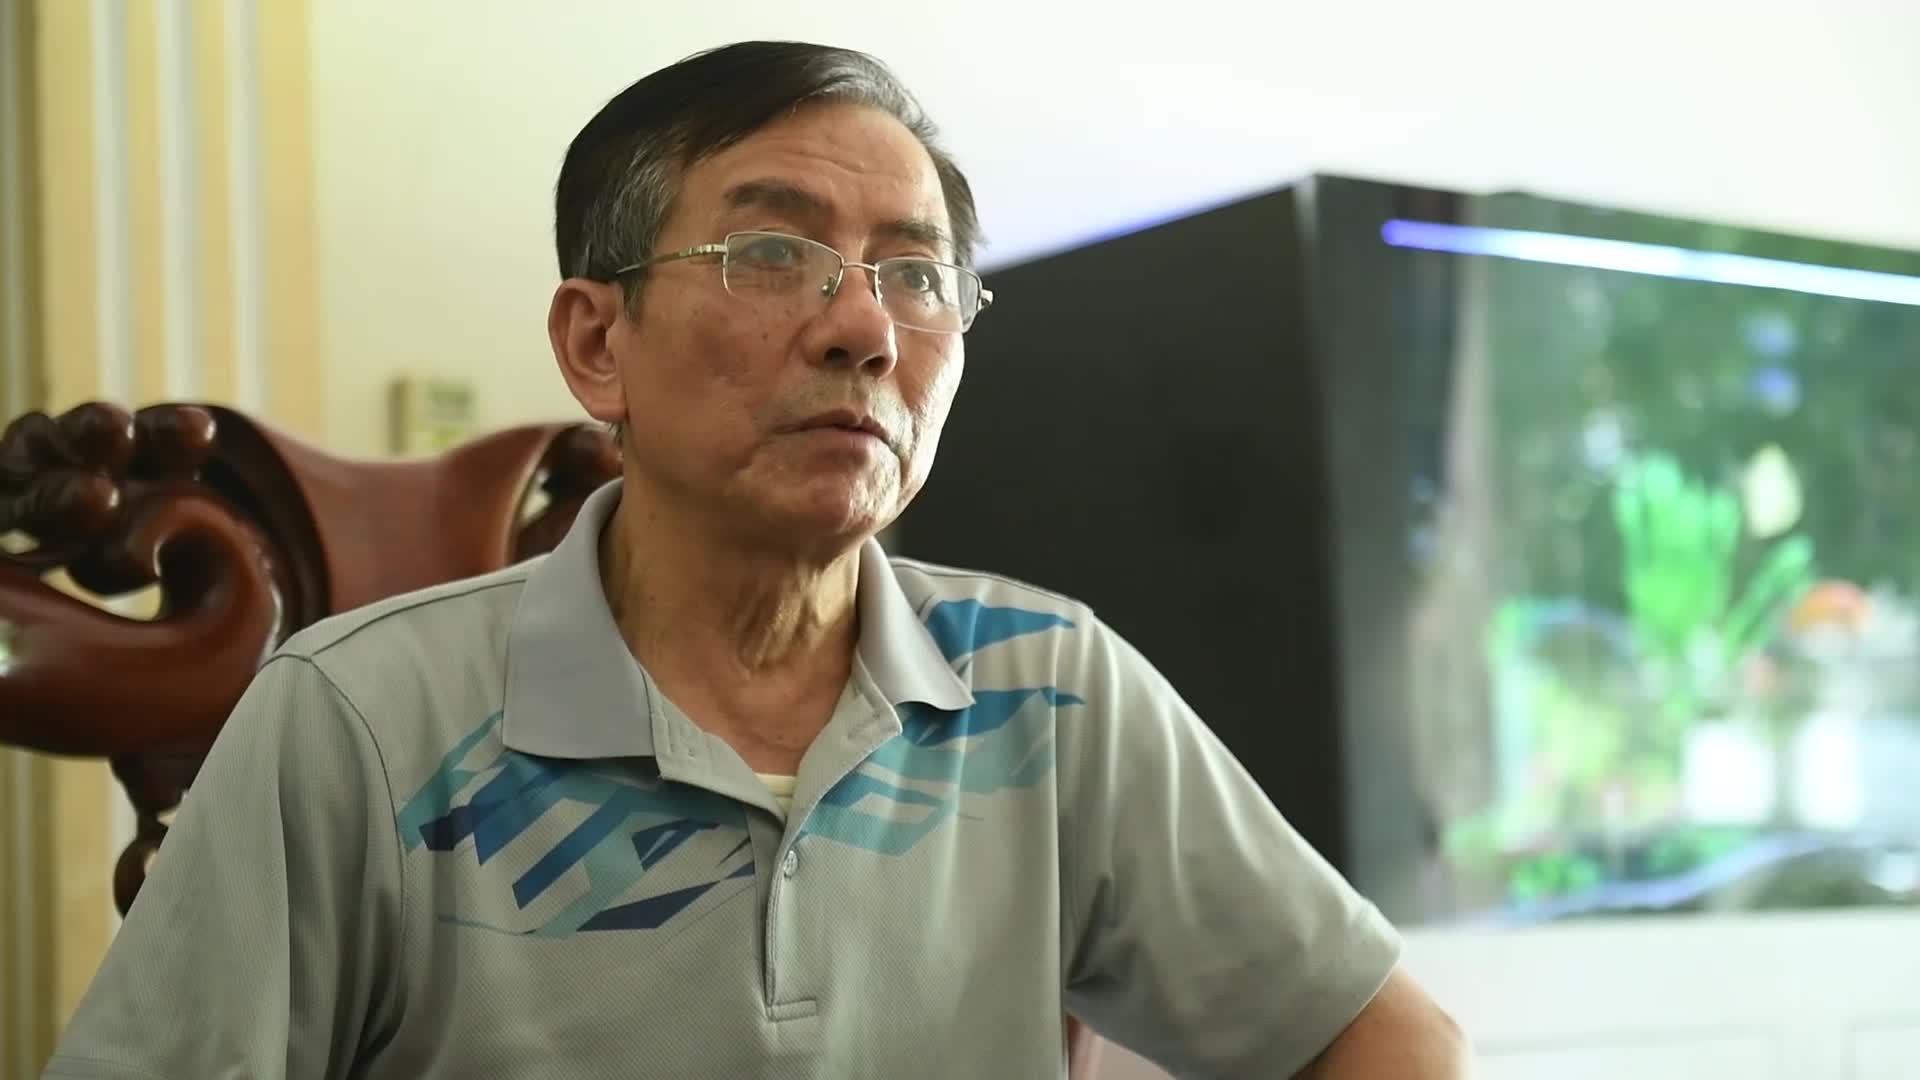 Người nhà nạn nhân bức xúc trước sự vô trách nhiệm của ông Trương Quý Dương